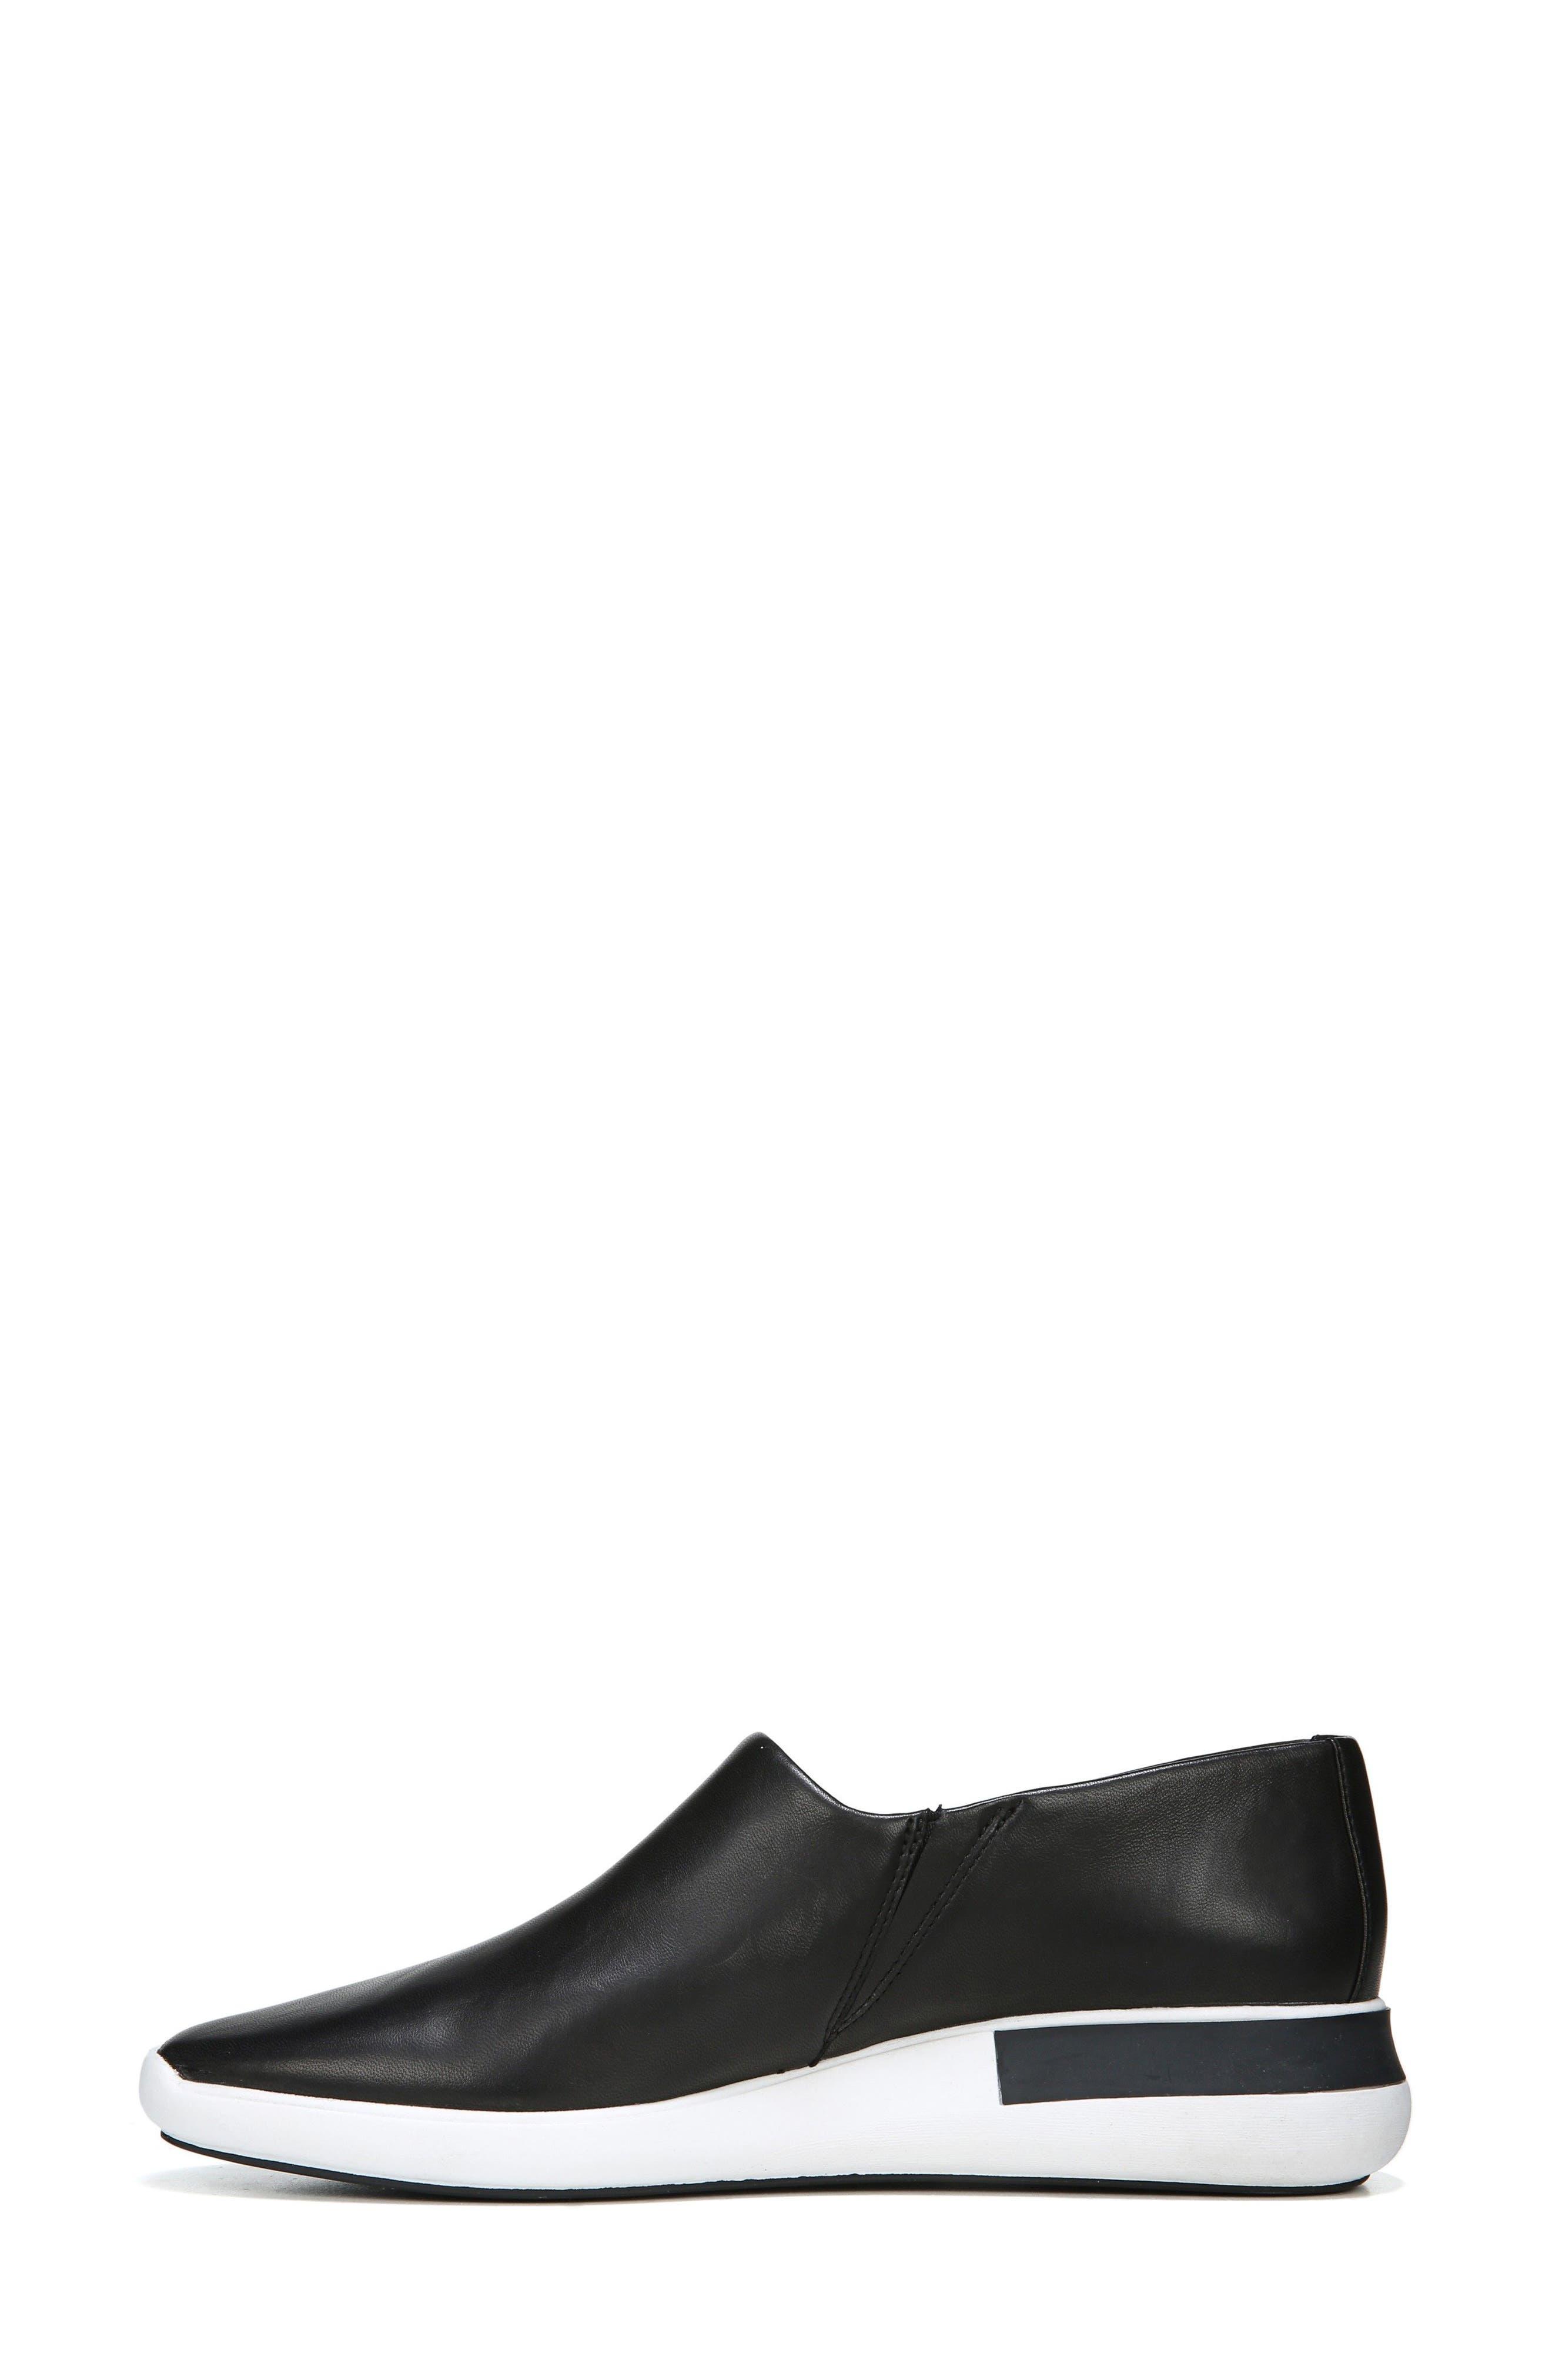 Malena Slip-On Sneaker,                             Alternate thumbnail 3, color,                             001